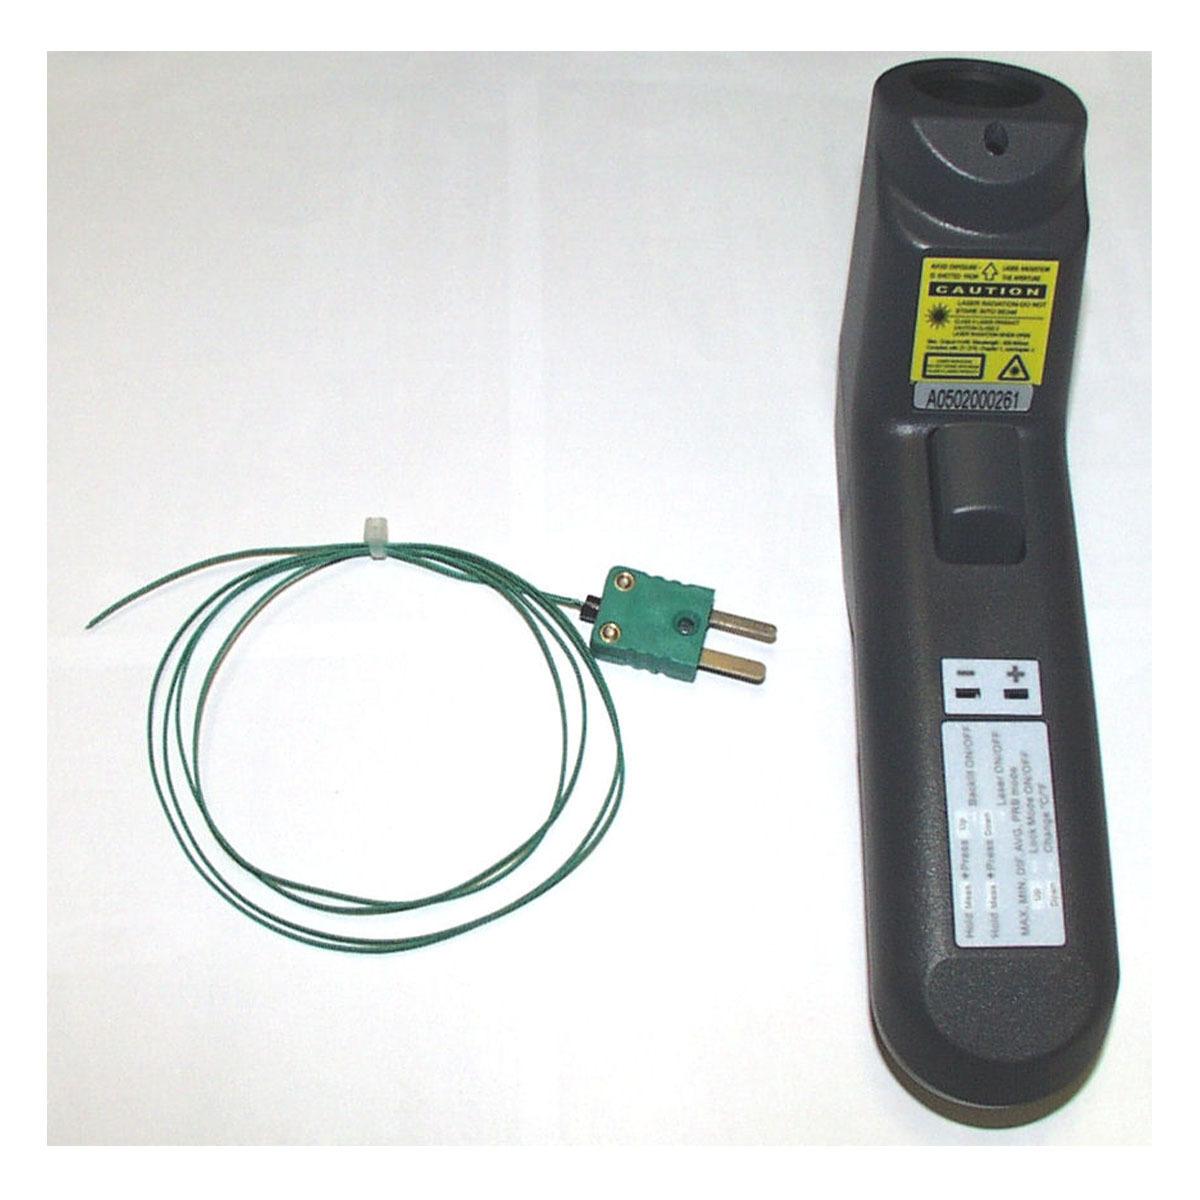 30-3500-kabel-thermoelementfühler-anwendung-1200x1200px.jpg